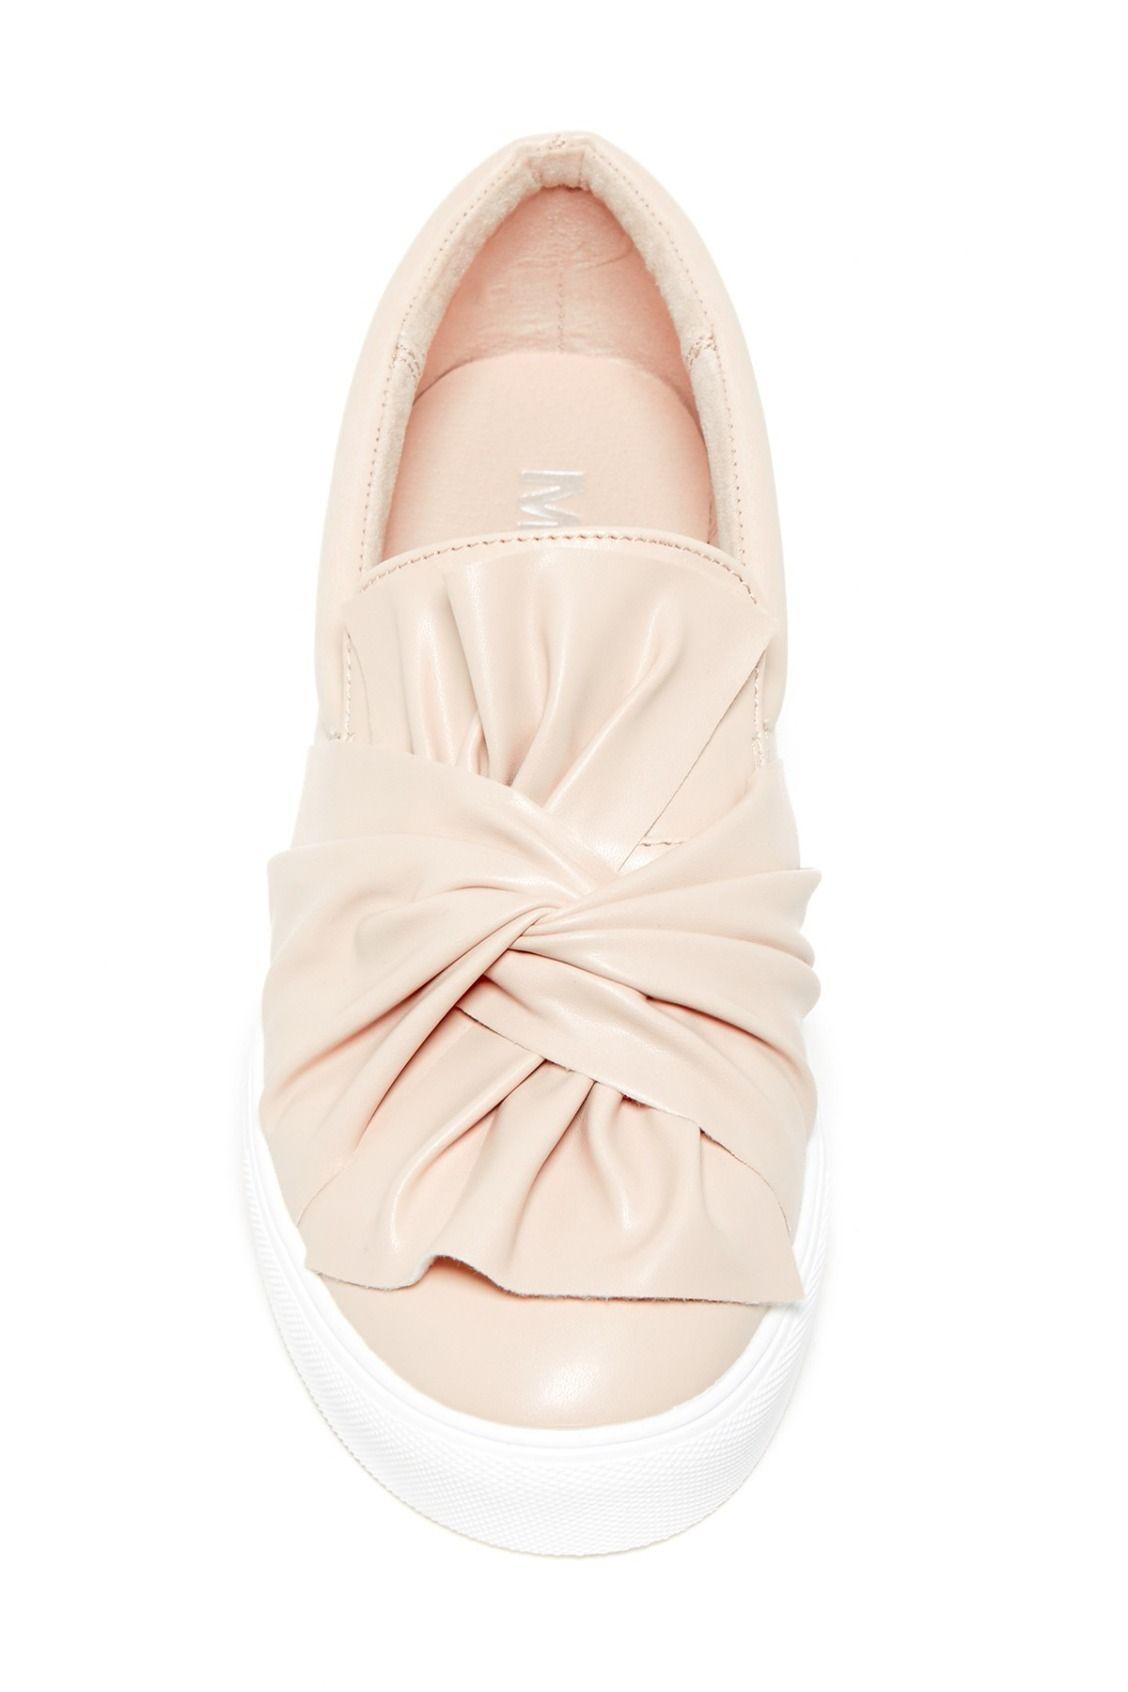 MIA   Zoe Slip-On Sneaker   Nordstrom